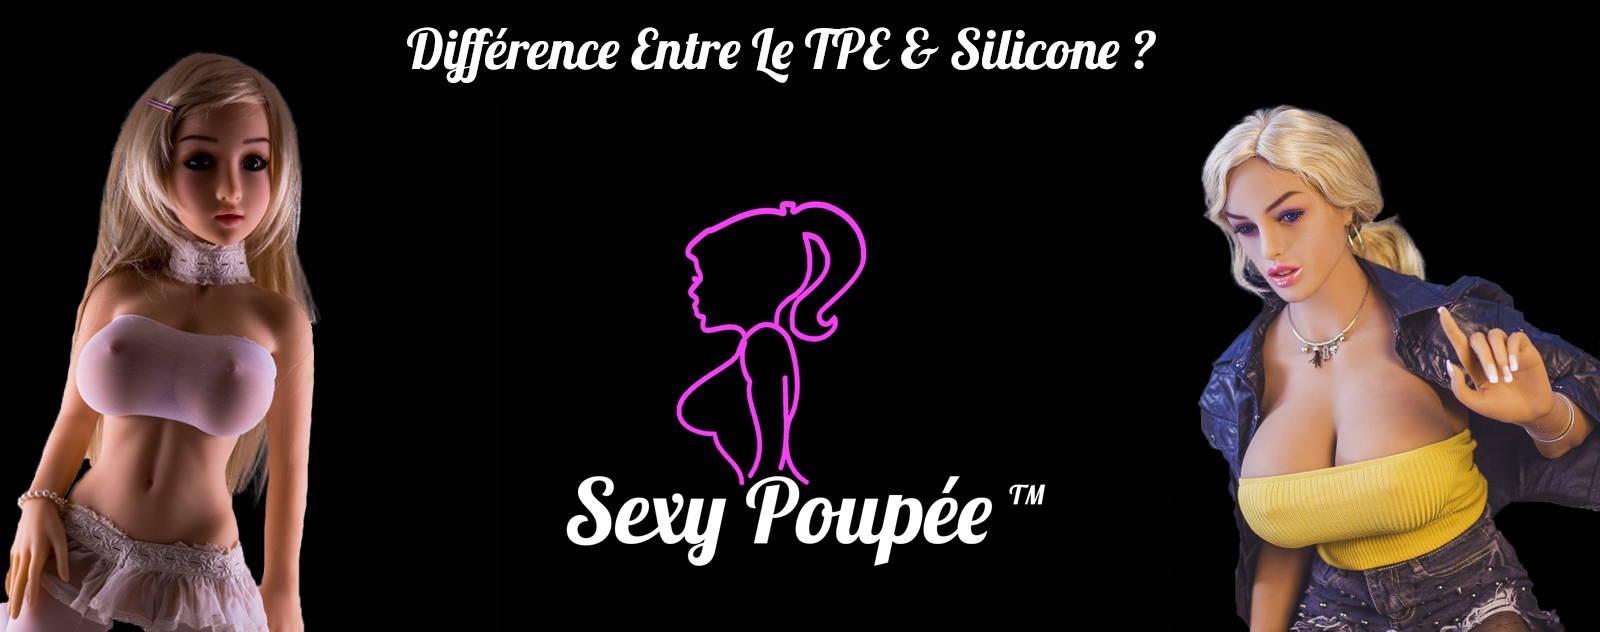 Blog différence entre TPE et Silicone